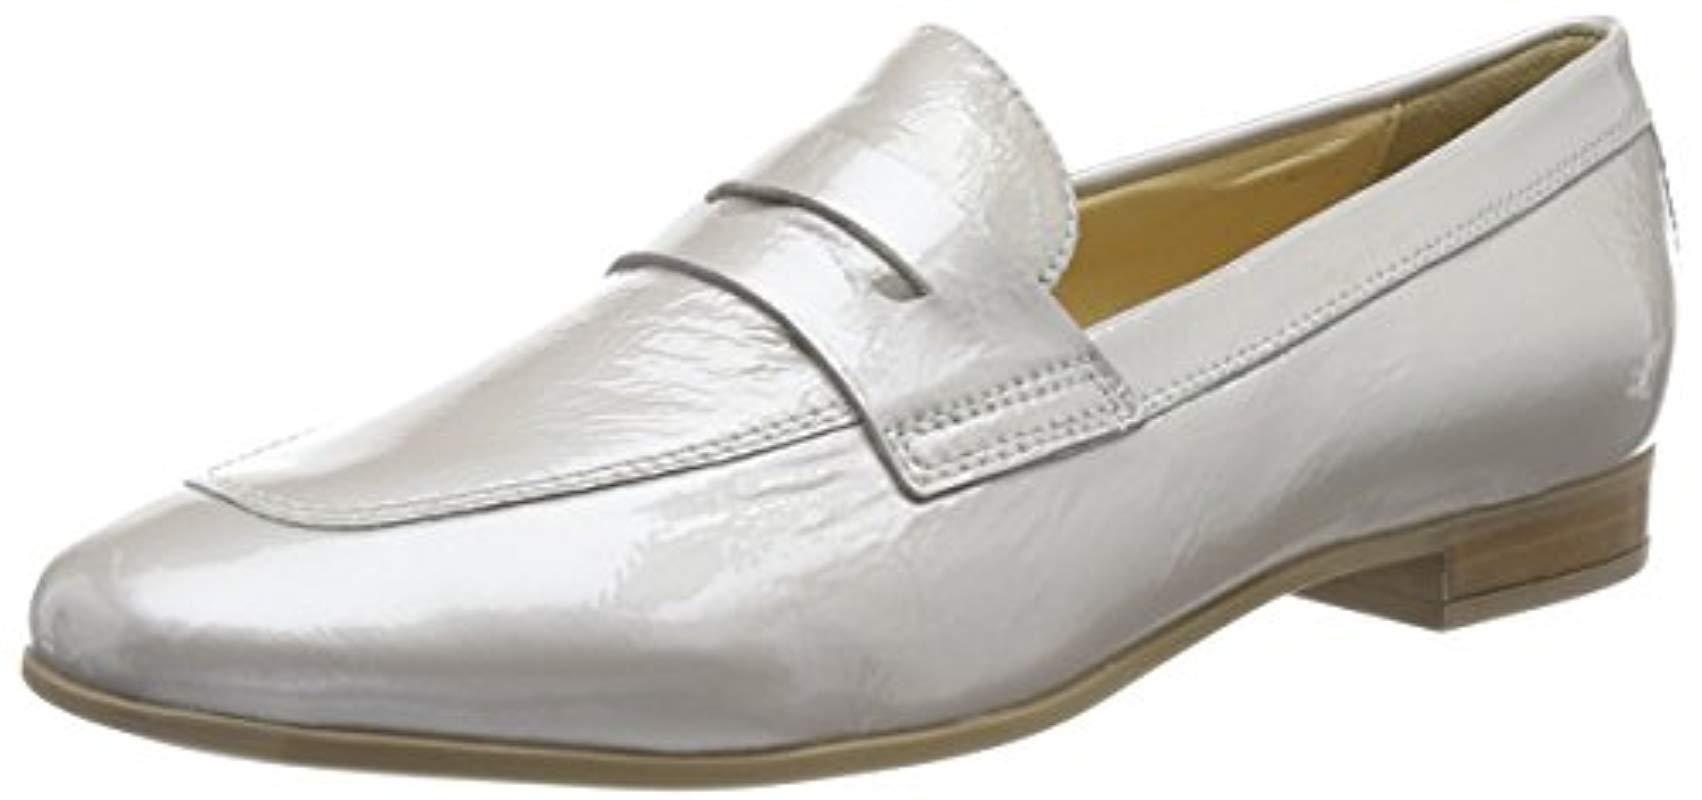 Zapatos y complementos Mocasines para Mujer Geox D Marlyna B Mocasines